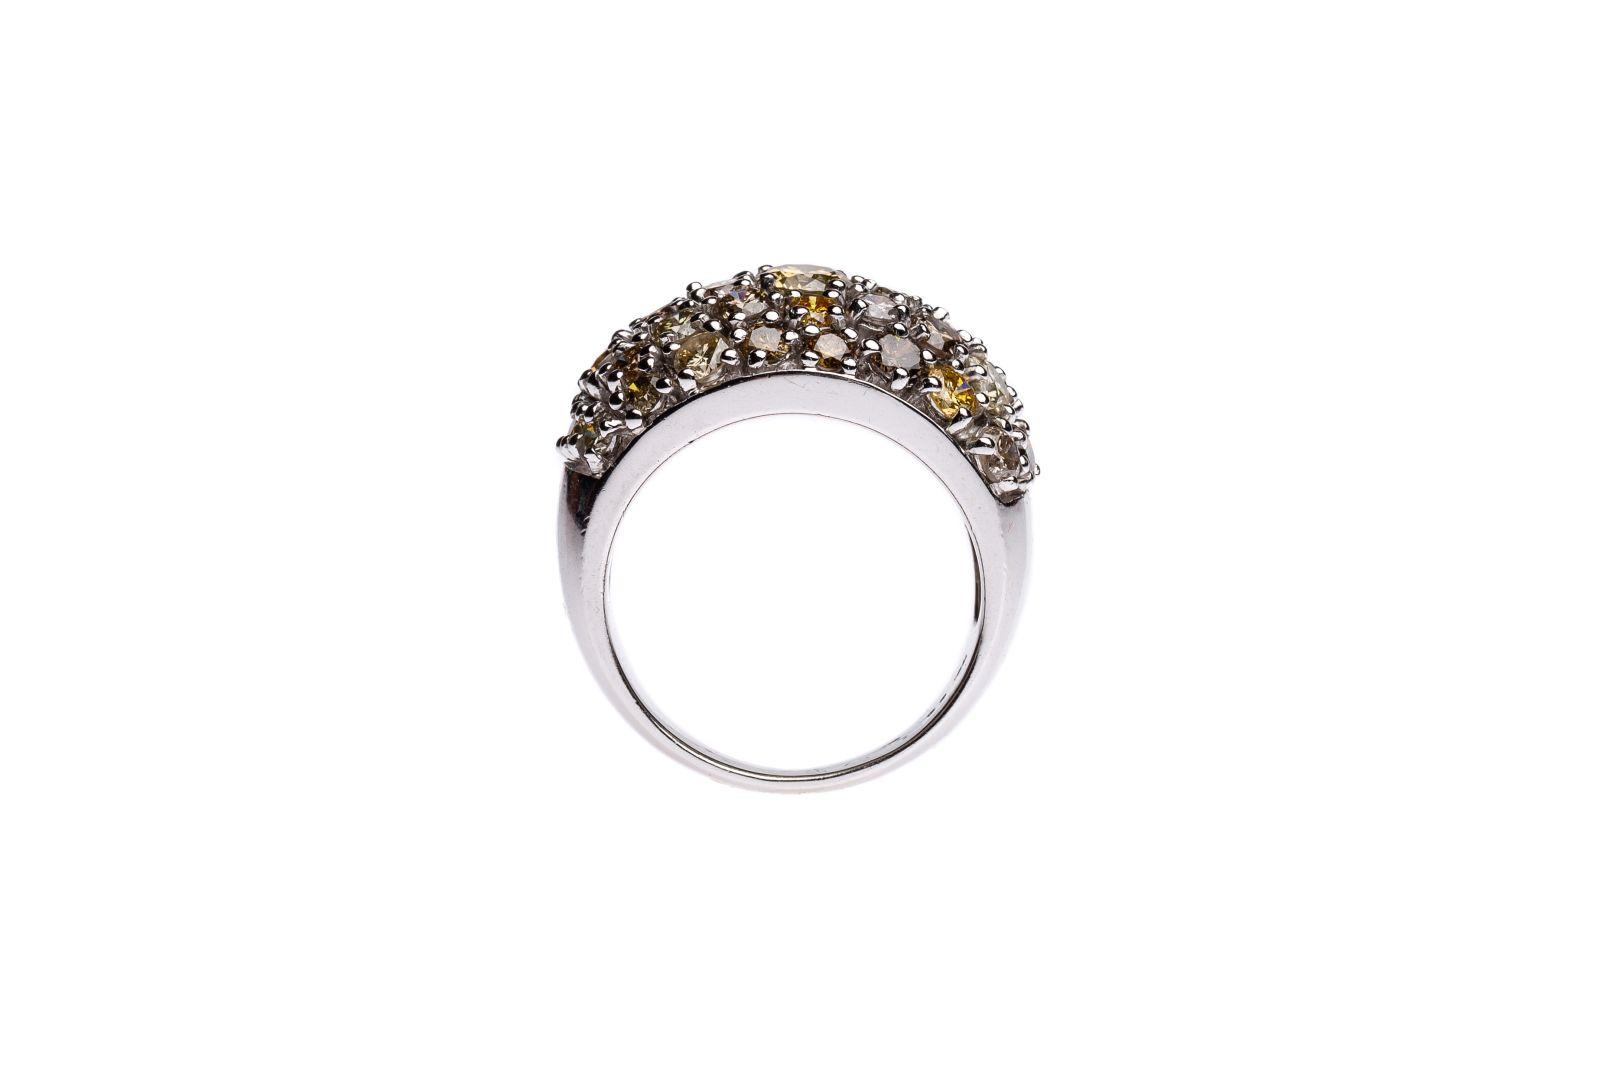 #63 Brilliant ring | Brillant Ring Image